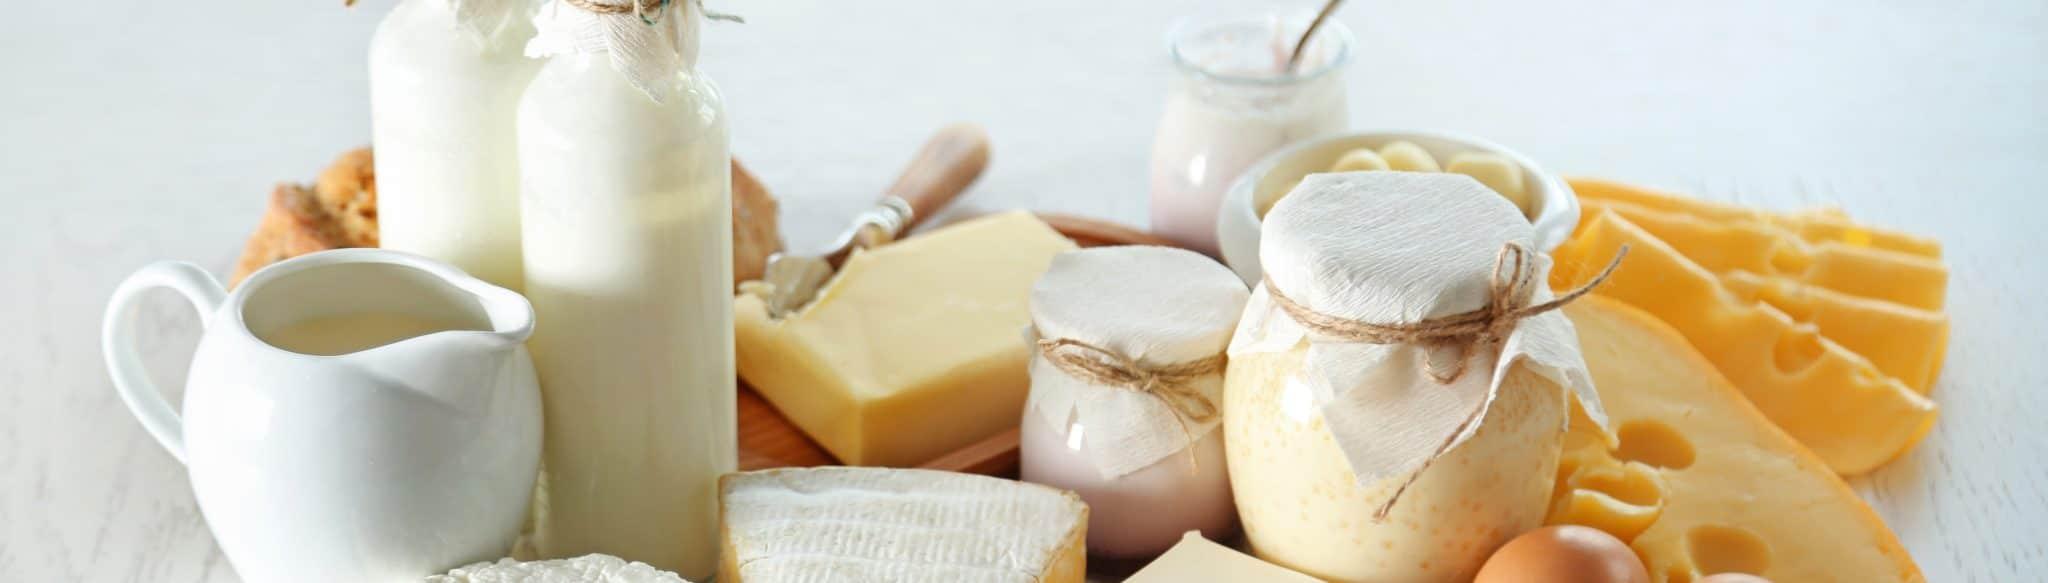 Joghurt_Käse_Fermentierte_Lebensmittel